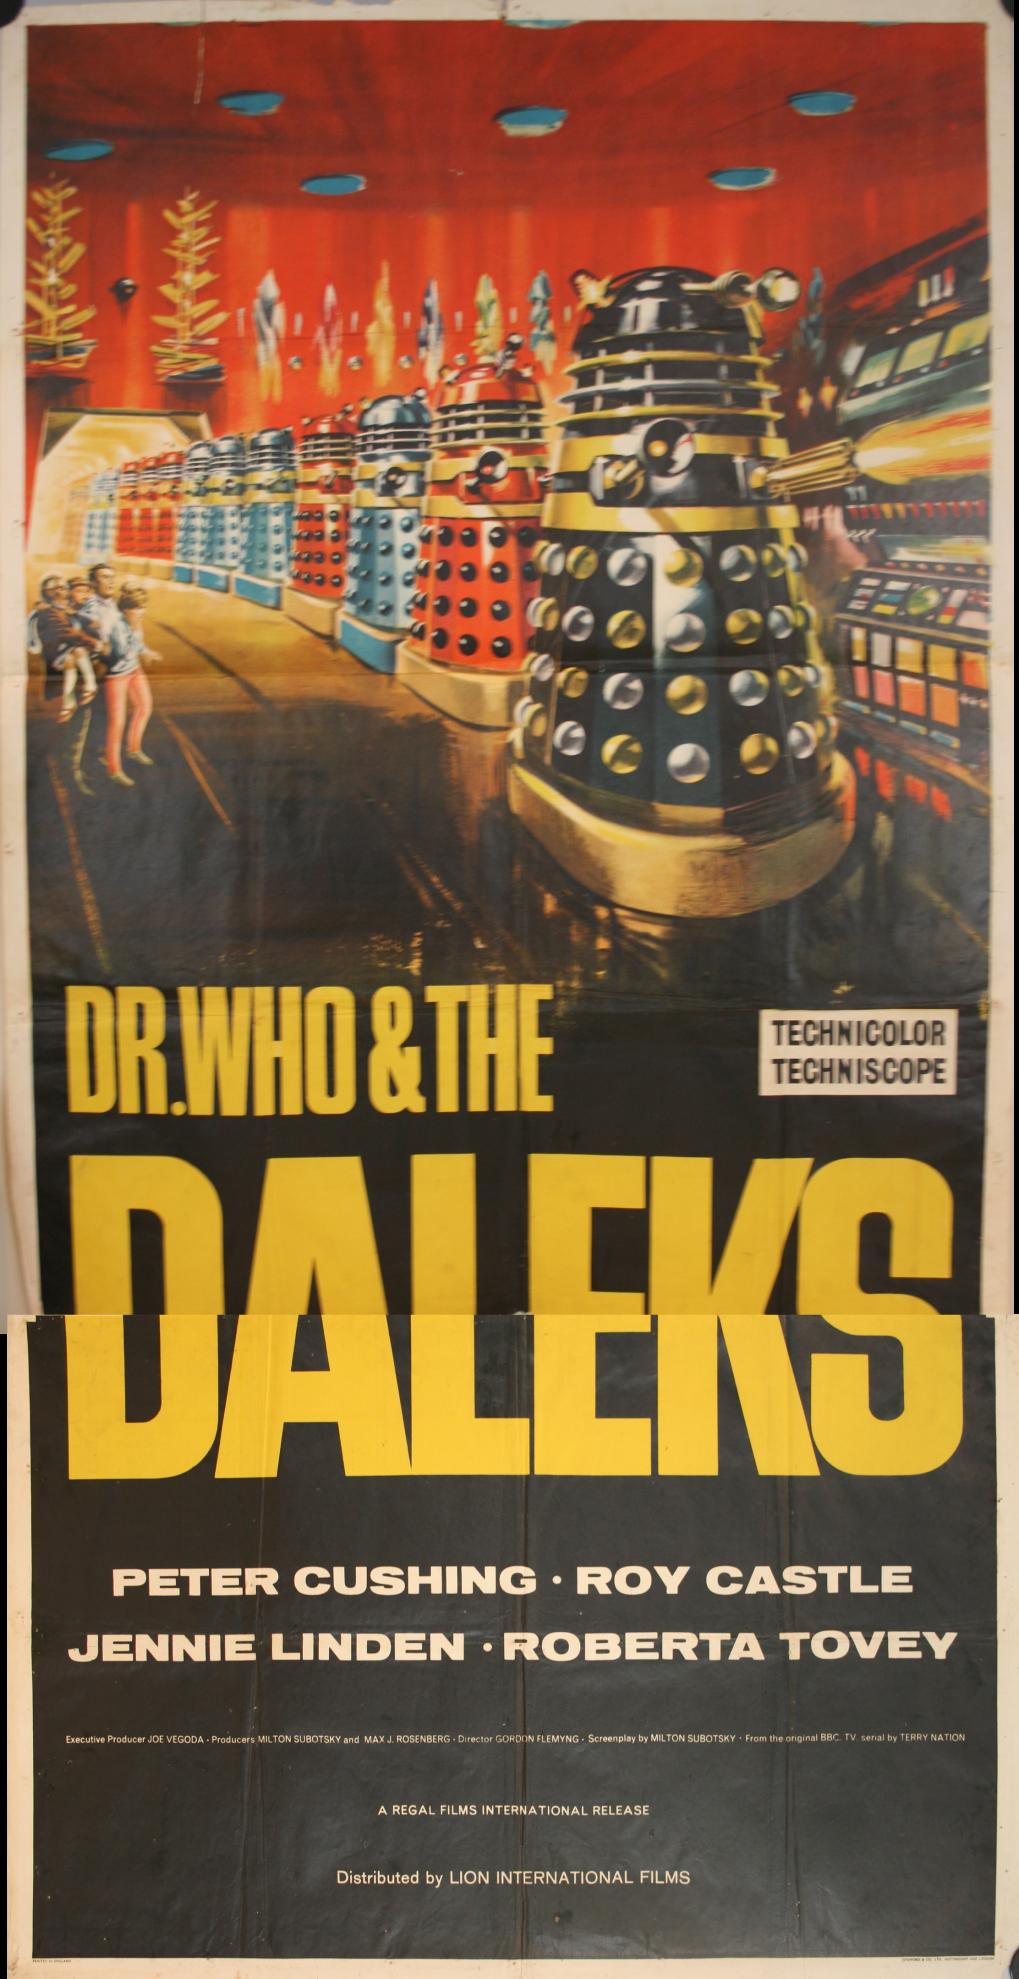 UK Three-Sheet Poster